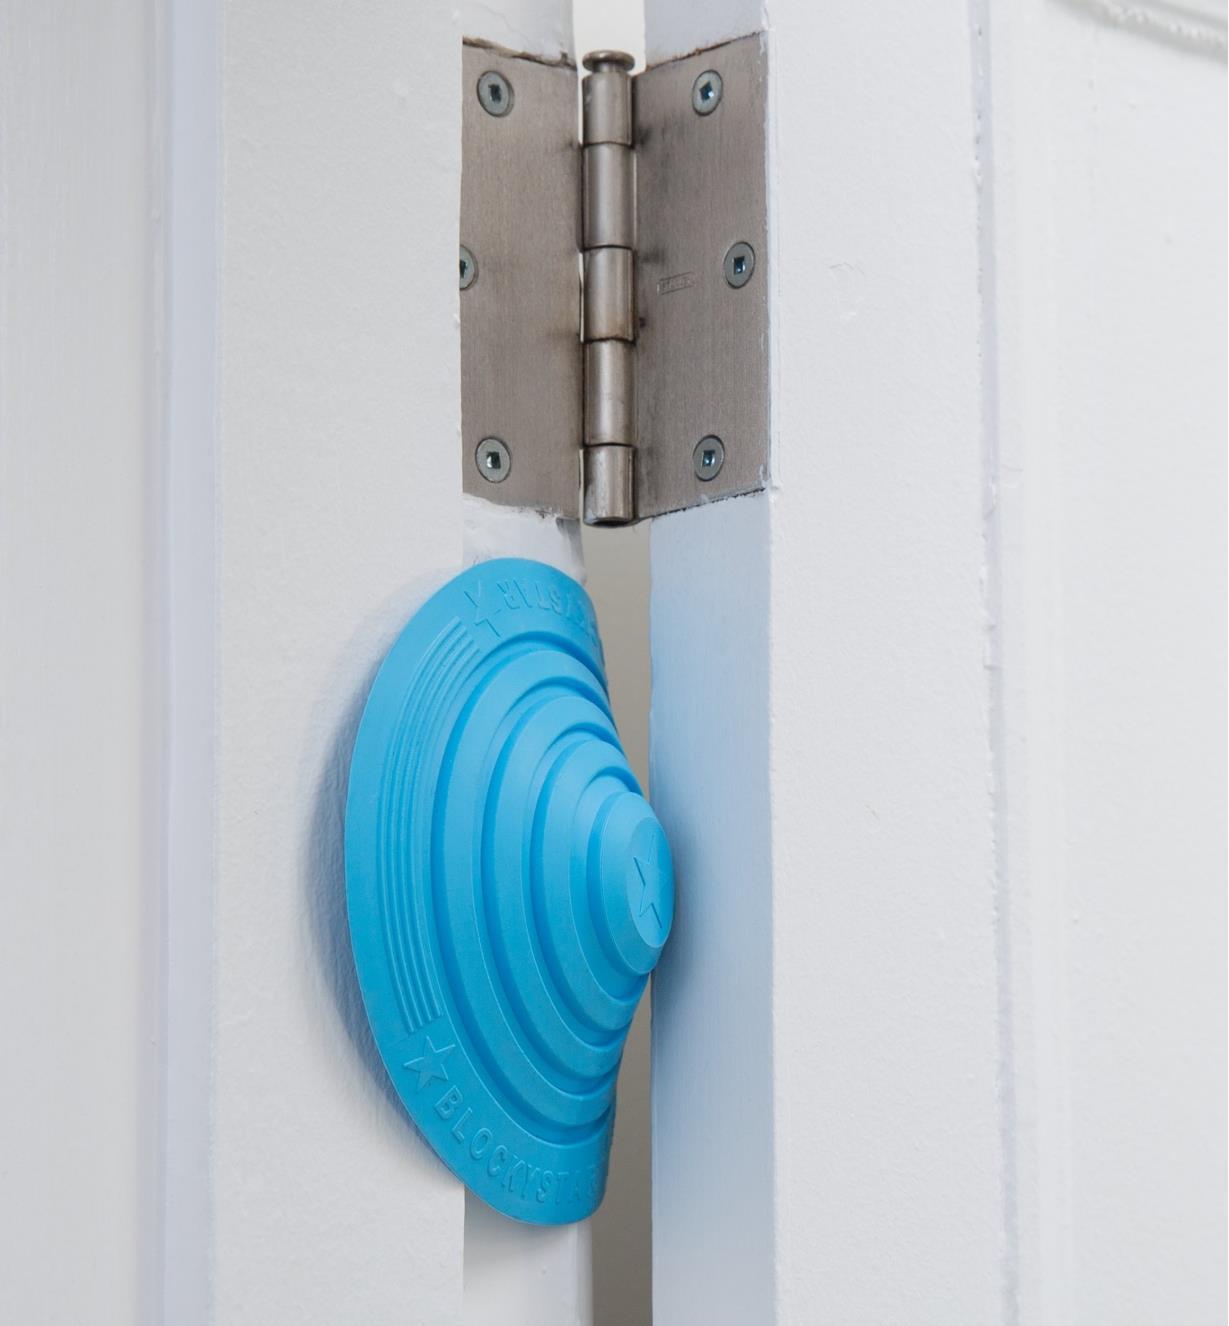 45K1260 - No-Stoop Doorstop